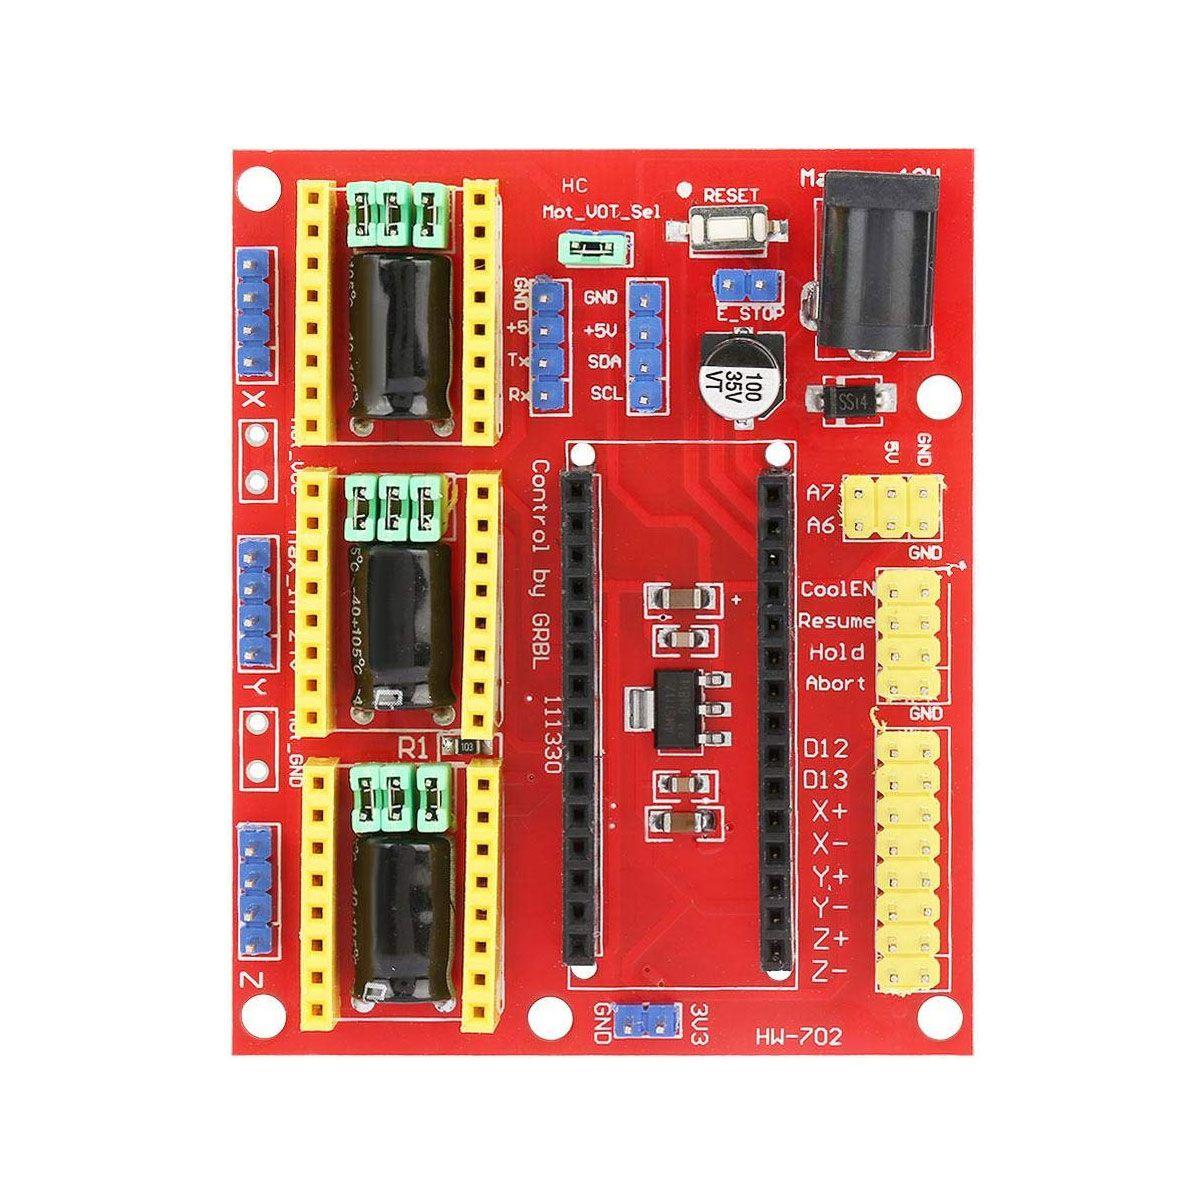 Kit CNC Shield V4 com Placa Nano + Drivers A4988 + Cabo Compatível com Arduino